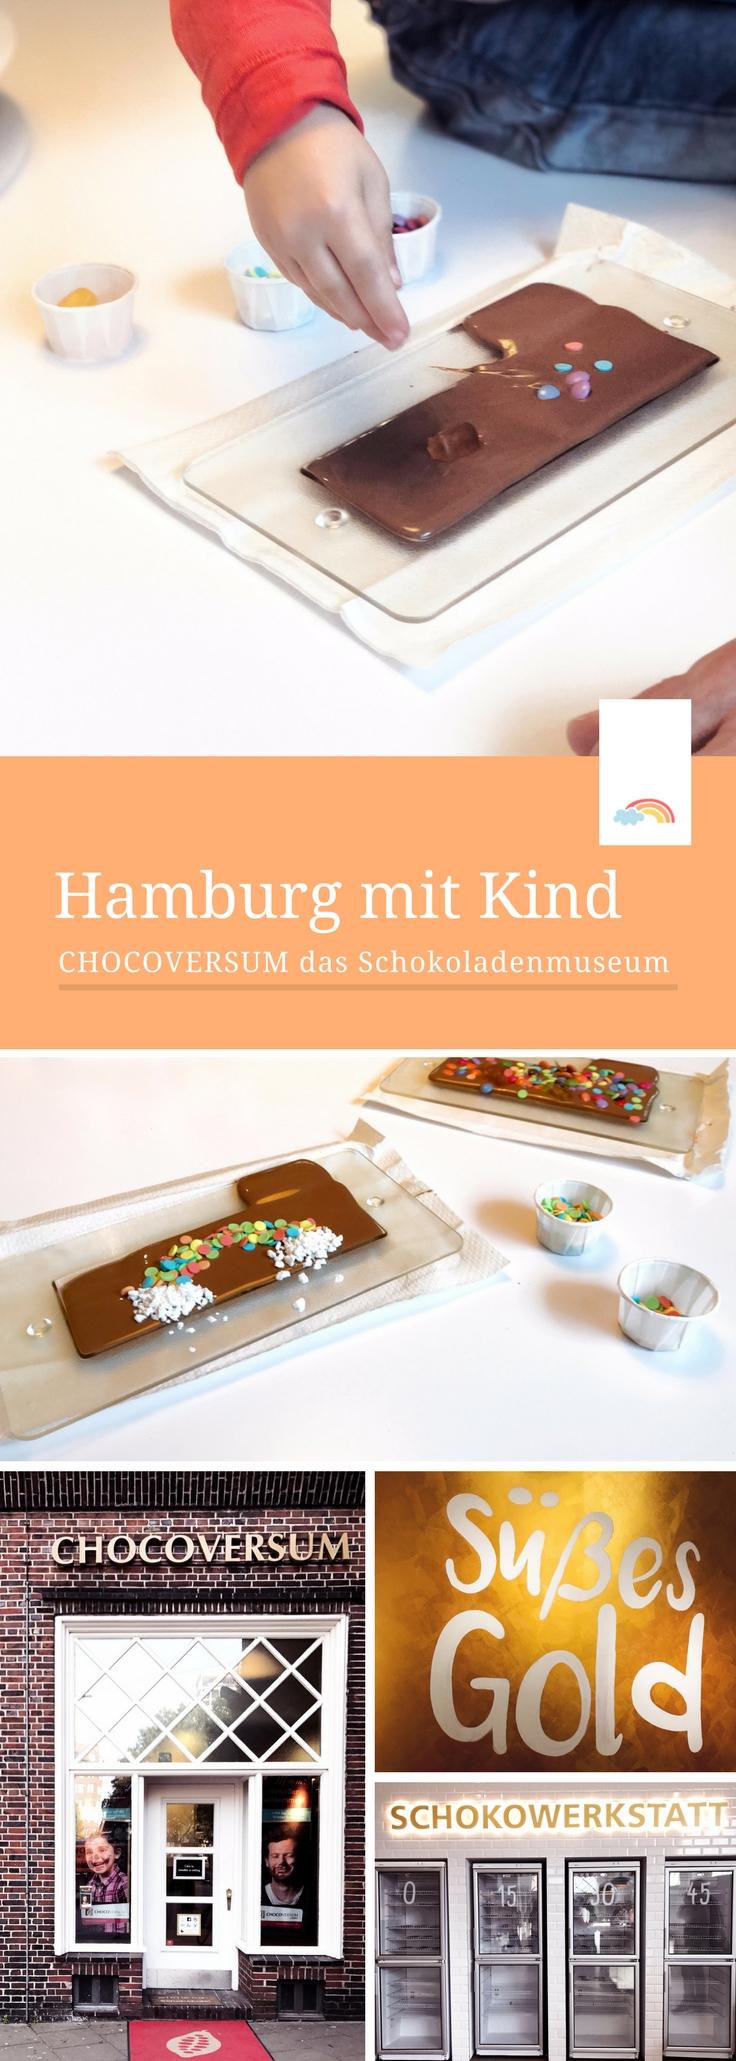 Hamburg mit Kindern - Chocoversum das Schokoladenmuseum ist ein super Ausflugstipp für Hamburg bei Regen mit Kindern. Woher kommt die Schokolade? Wie entsteht sie? Viele Infos und Schokowerkstatt, in der man seine eigene Schokolade selber machen kann